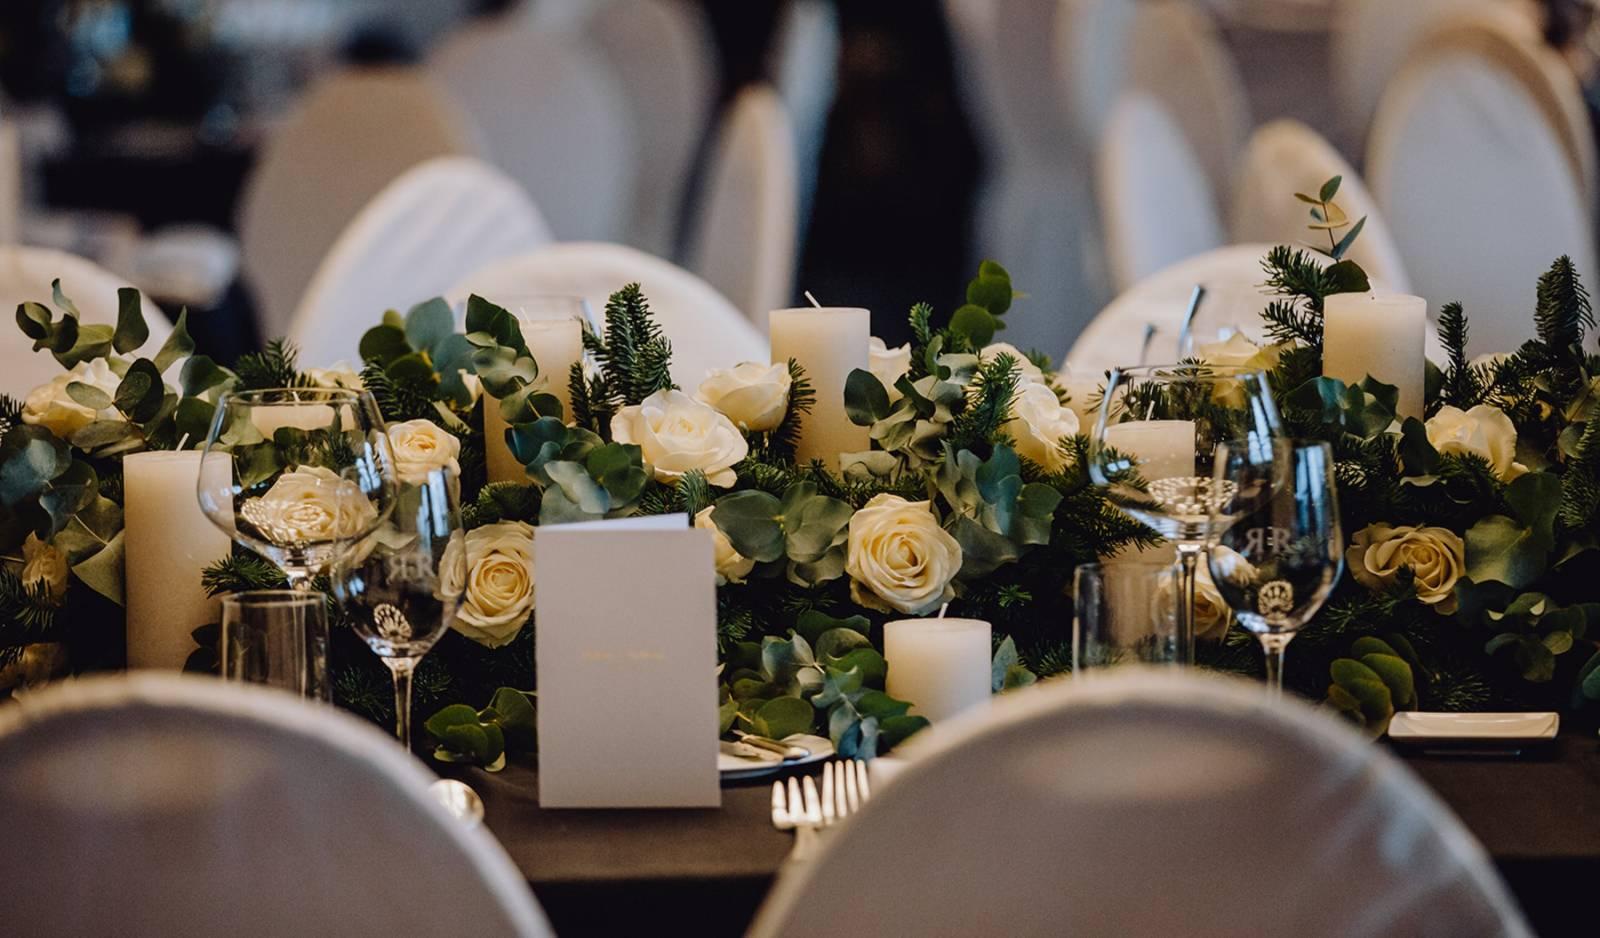 Chou Fleur - Bloemist -Fotograaf Luxvisualstorytellers - House of Weddings (2) (Aangepast)